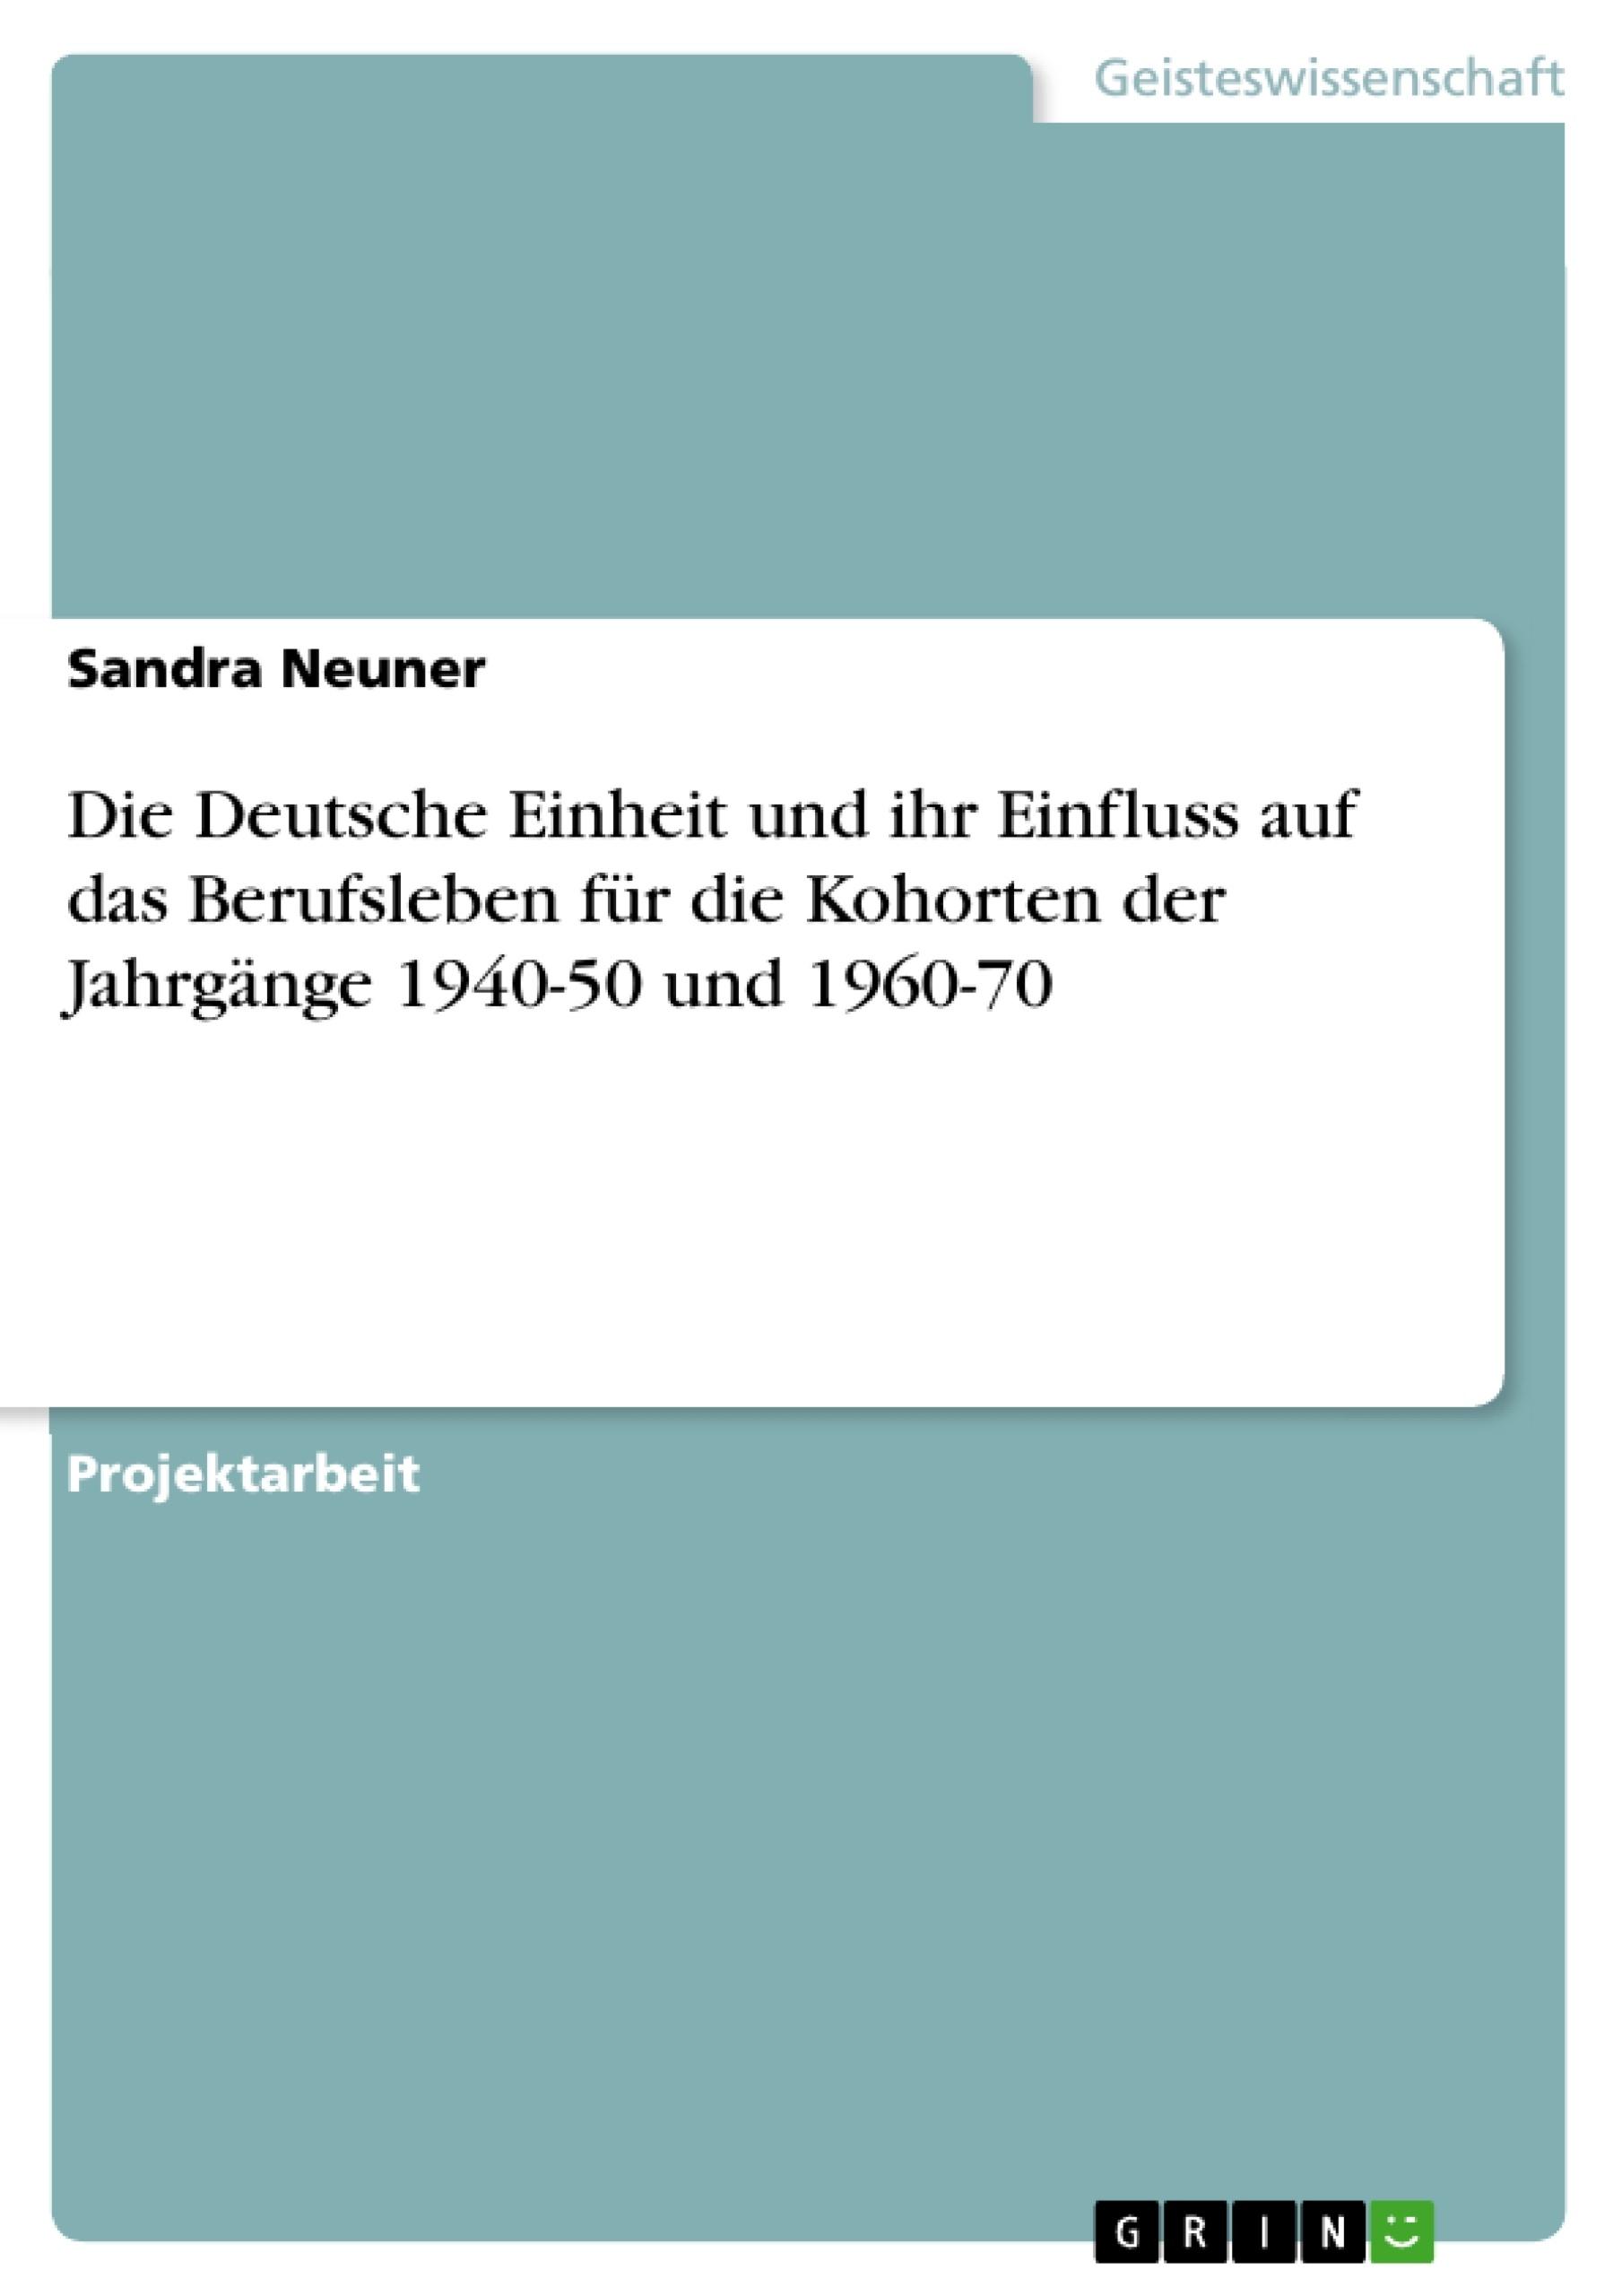 Titel: Die Deutsche Einheit und ihr Einfluss auf das Berufsleben für die Kohorten der Jahrgänge 1940-50 und 1960-70